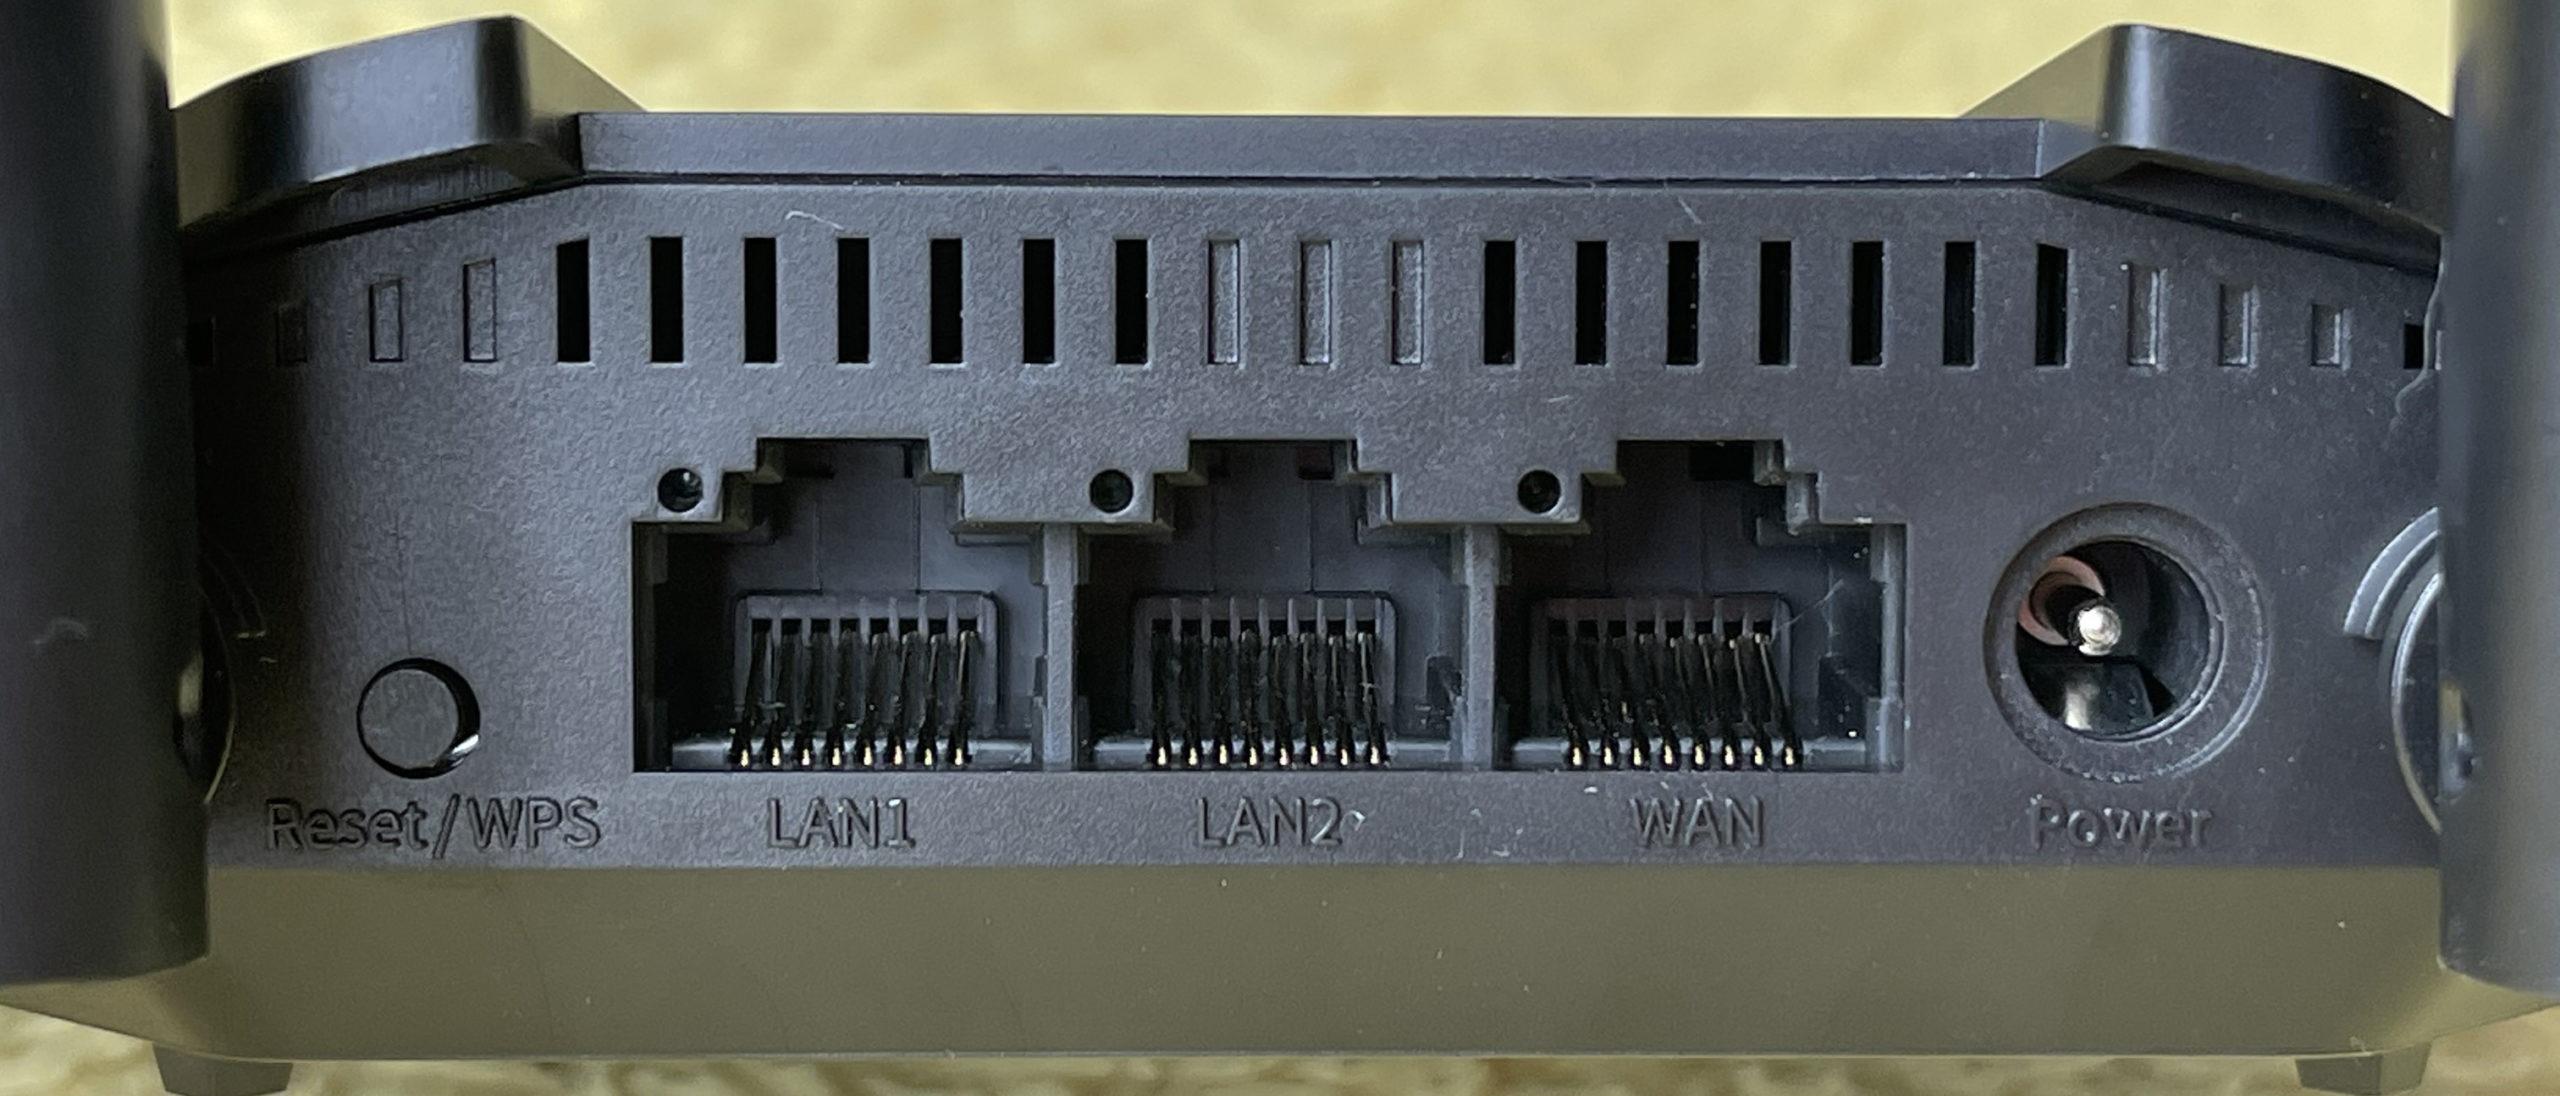 Роутер Mercusys MR30G (AC1200): полный обзор, настройка, плюсы, минусы, отзыв